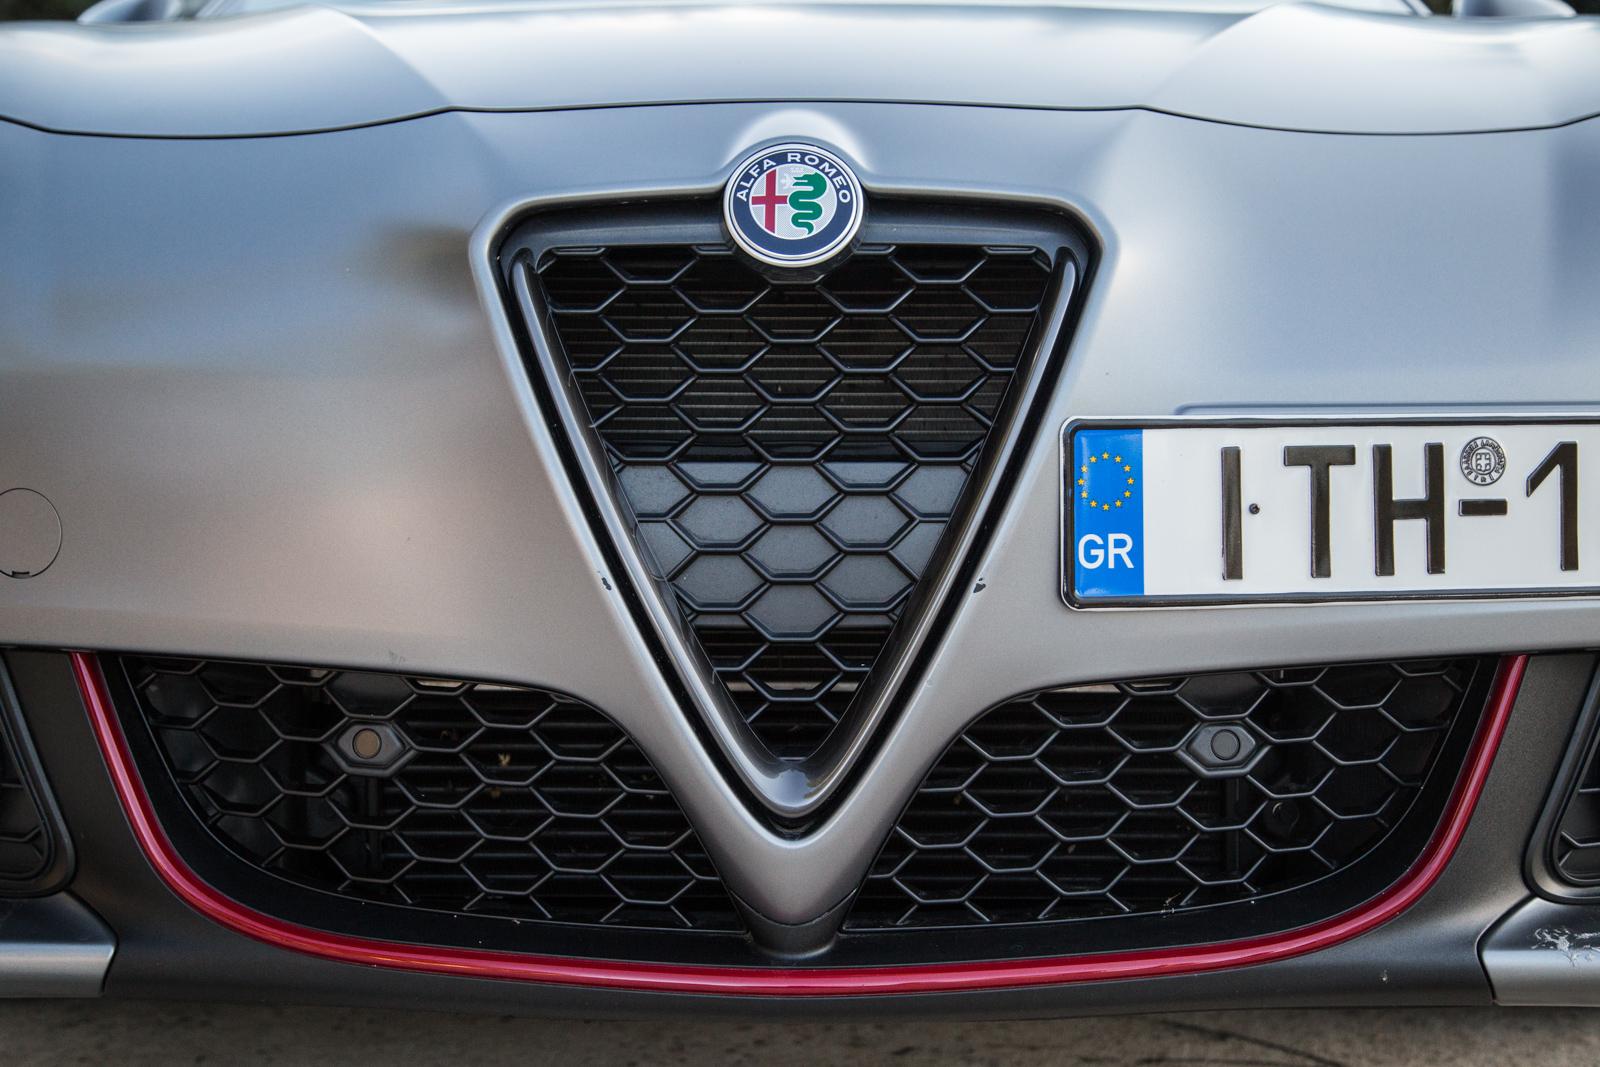 Test_Drive_Alfa_Romeo_Giulietta_TCT_1.6_JTDM-2_18